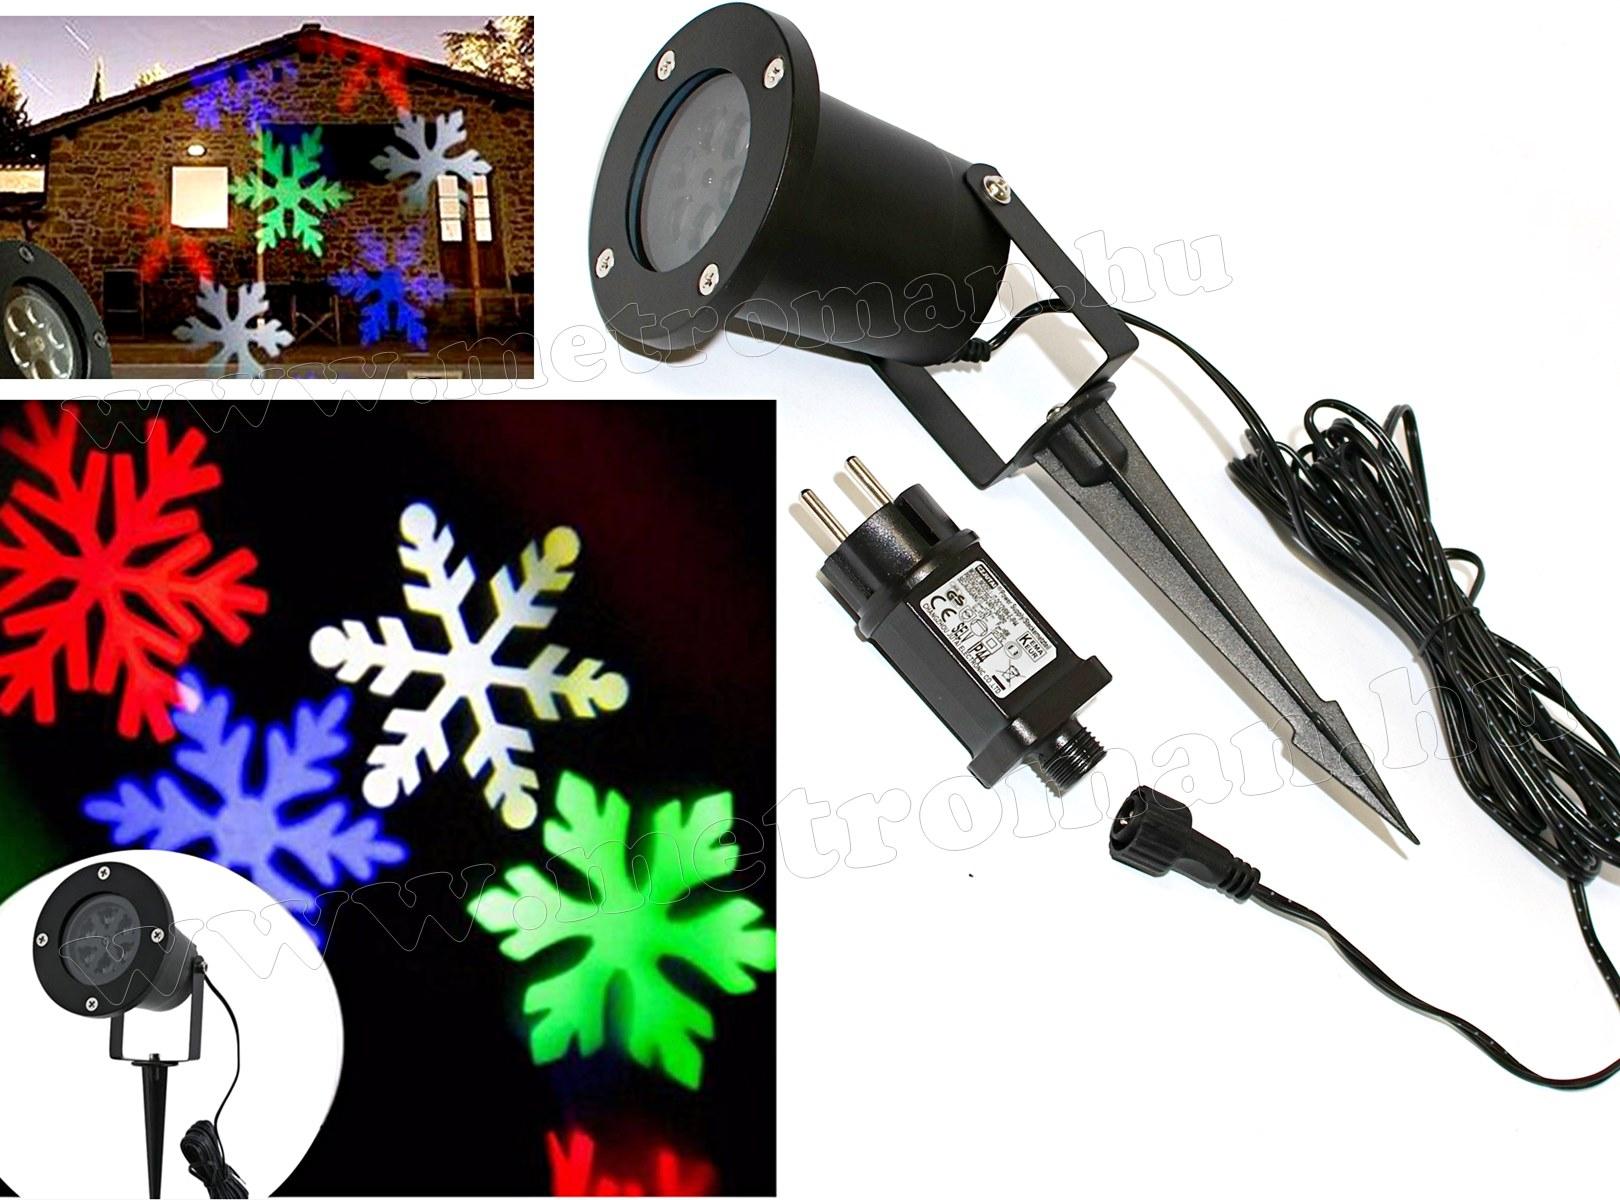 Kültéri színes LED fény projektor, kerti hangulat világítás MA1008 Hópehely